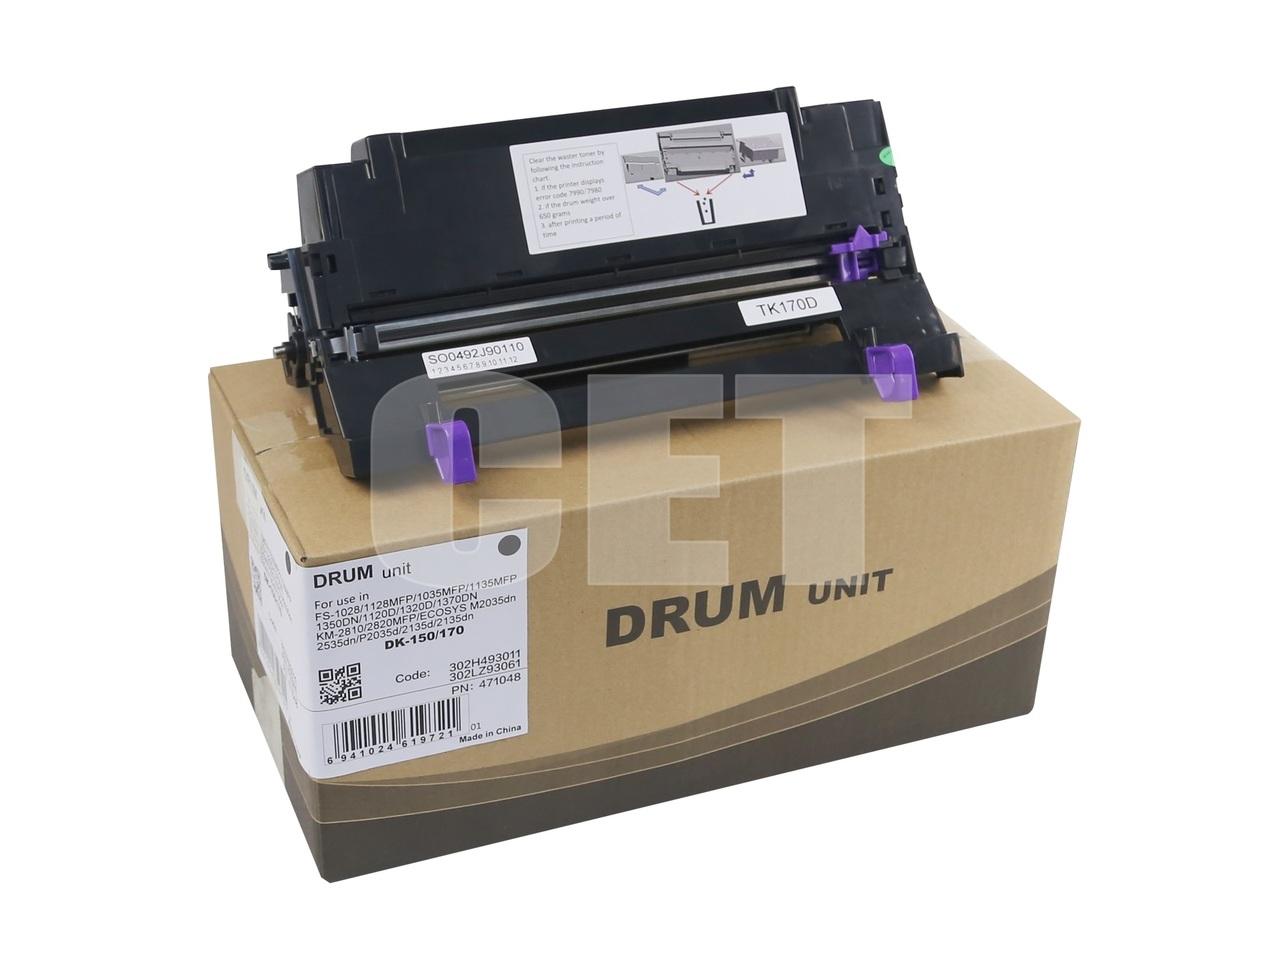 Драм-юнит DK-170 для KYOCERA ECOSYSM2035DN/P2135d/M2535DN (CET), 100000 стр., CET471048